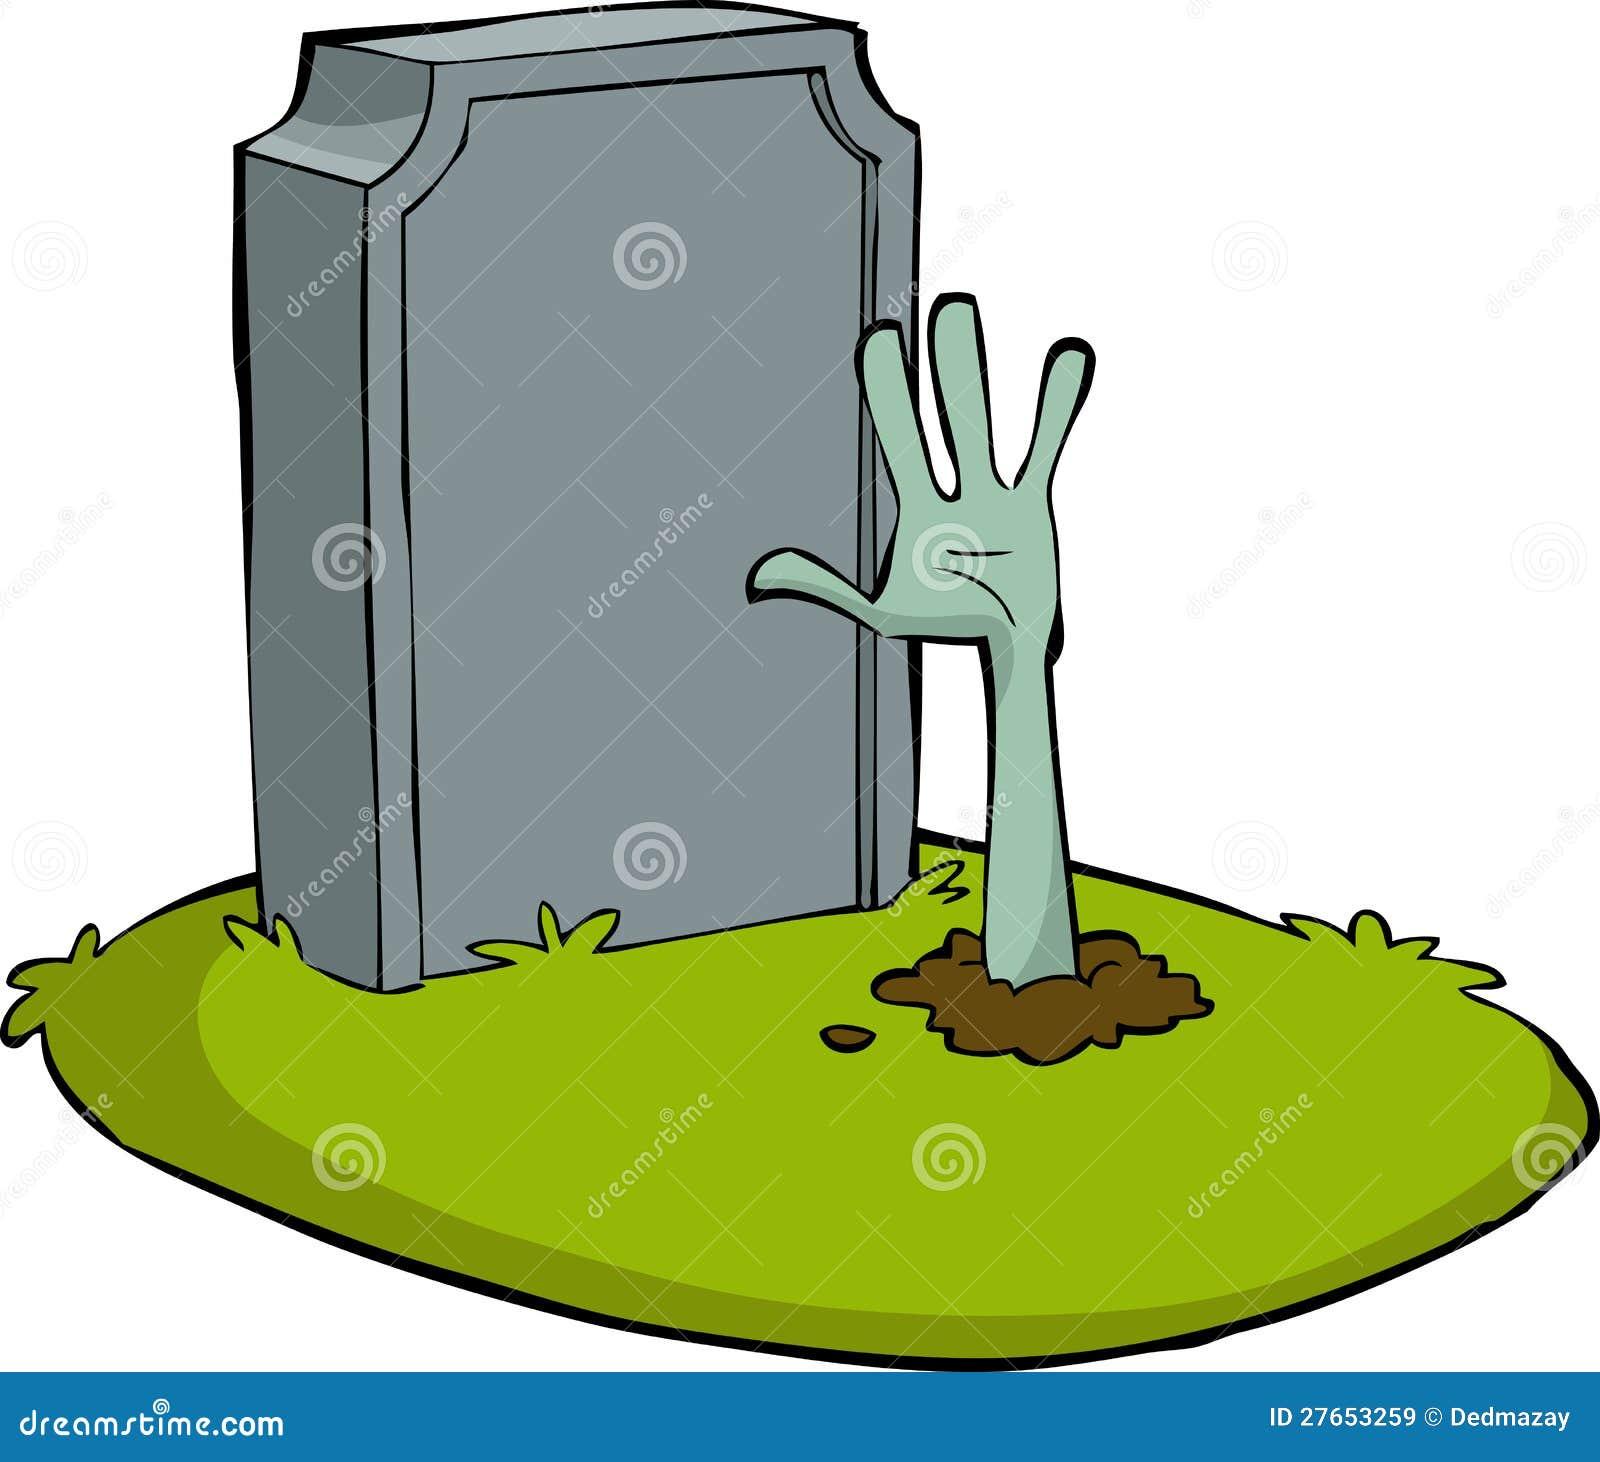 halloween tombstone vector